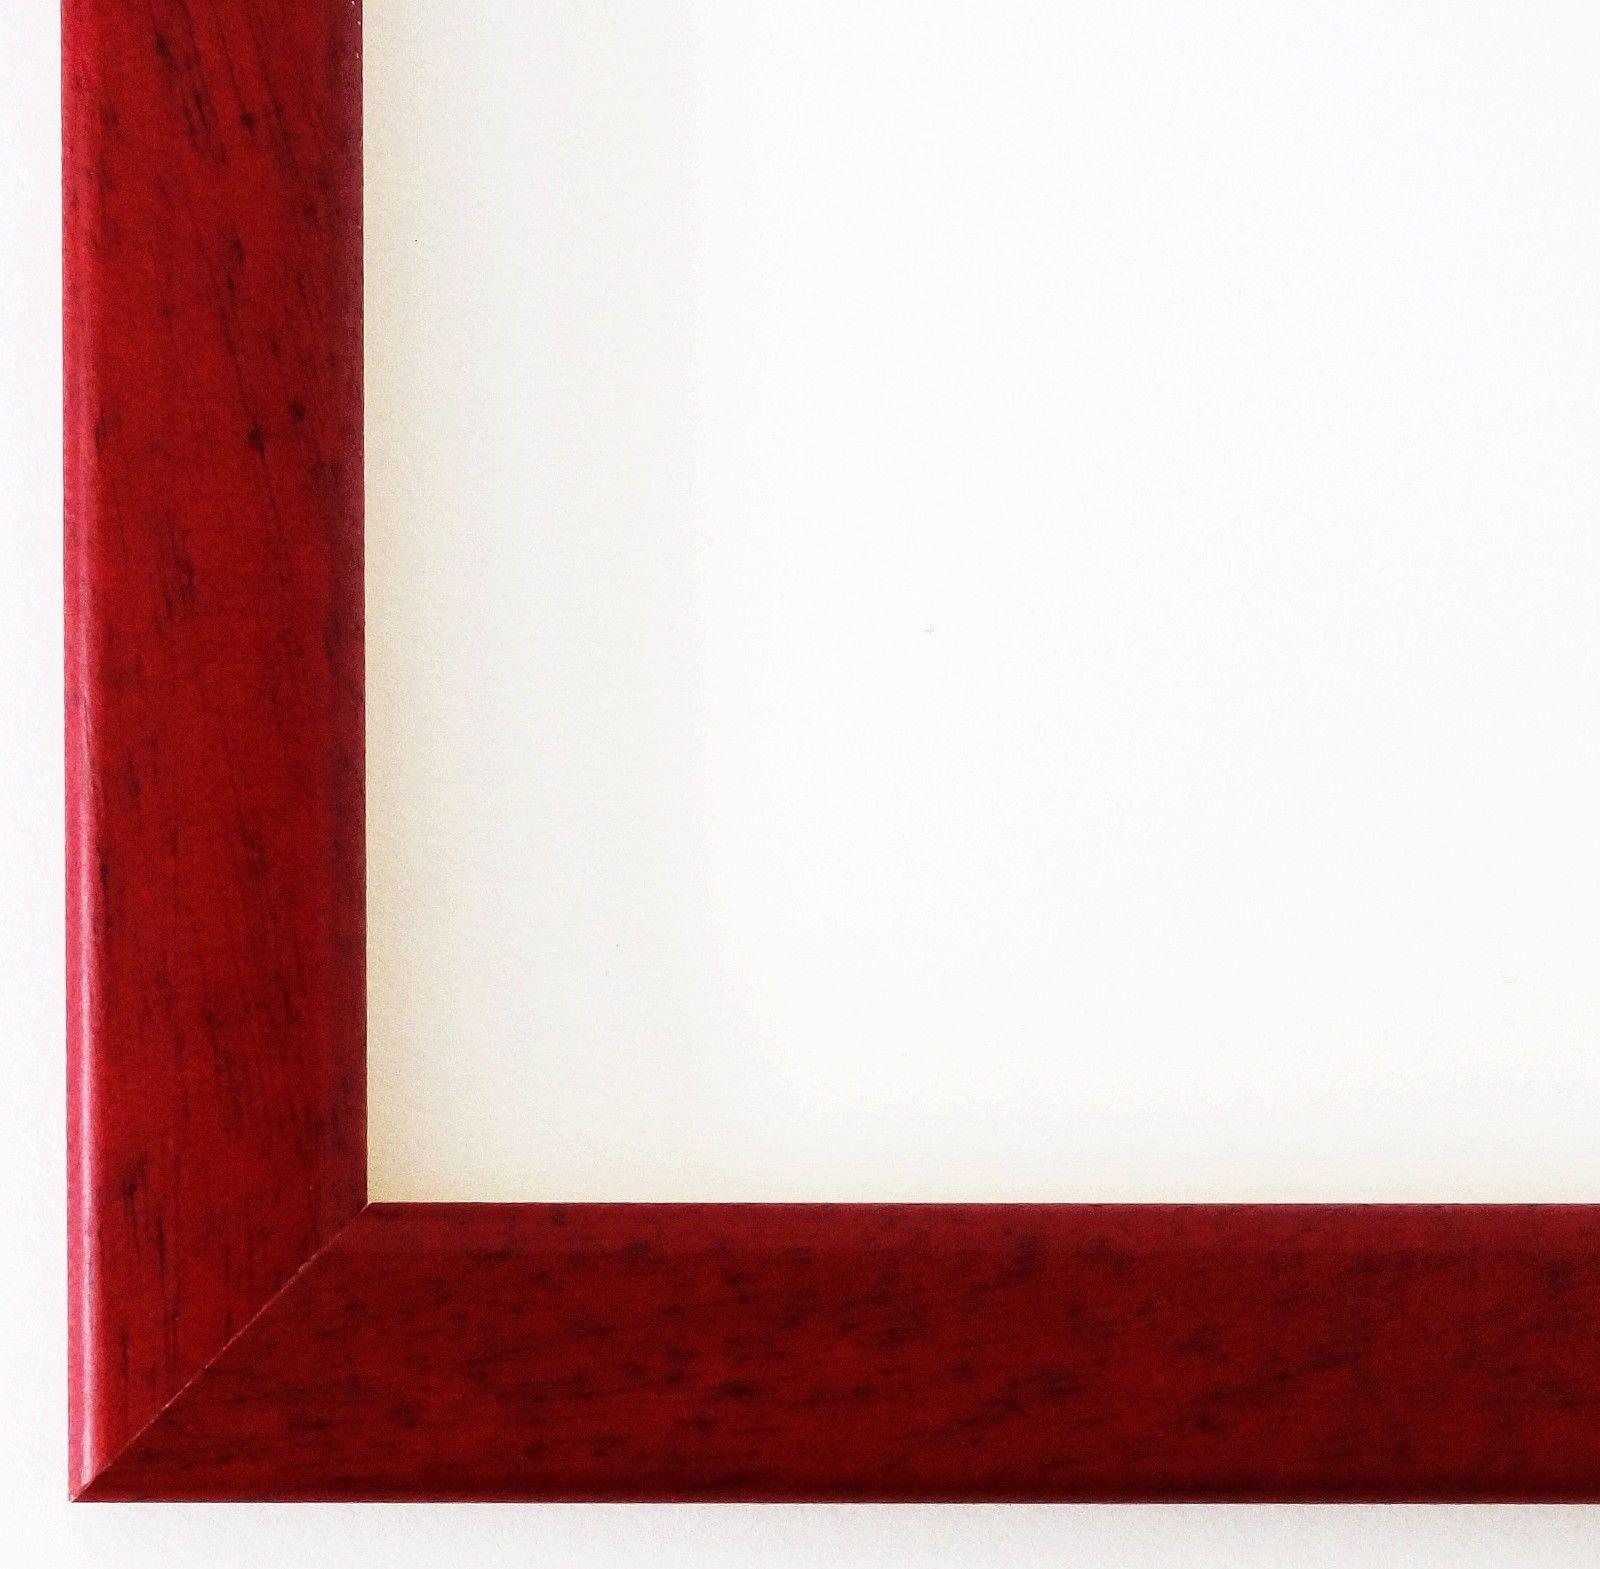 Bilderrahmen Rot Modern Rahmen Holz Art Deco Hannover 2, 4 - alle ...